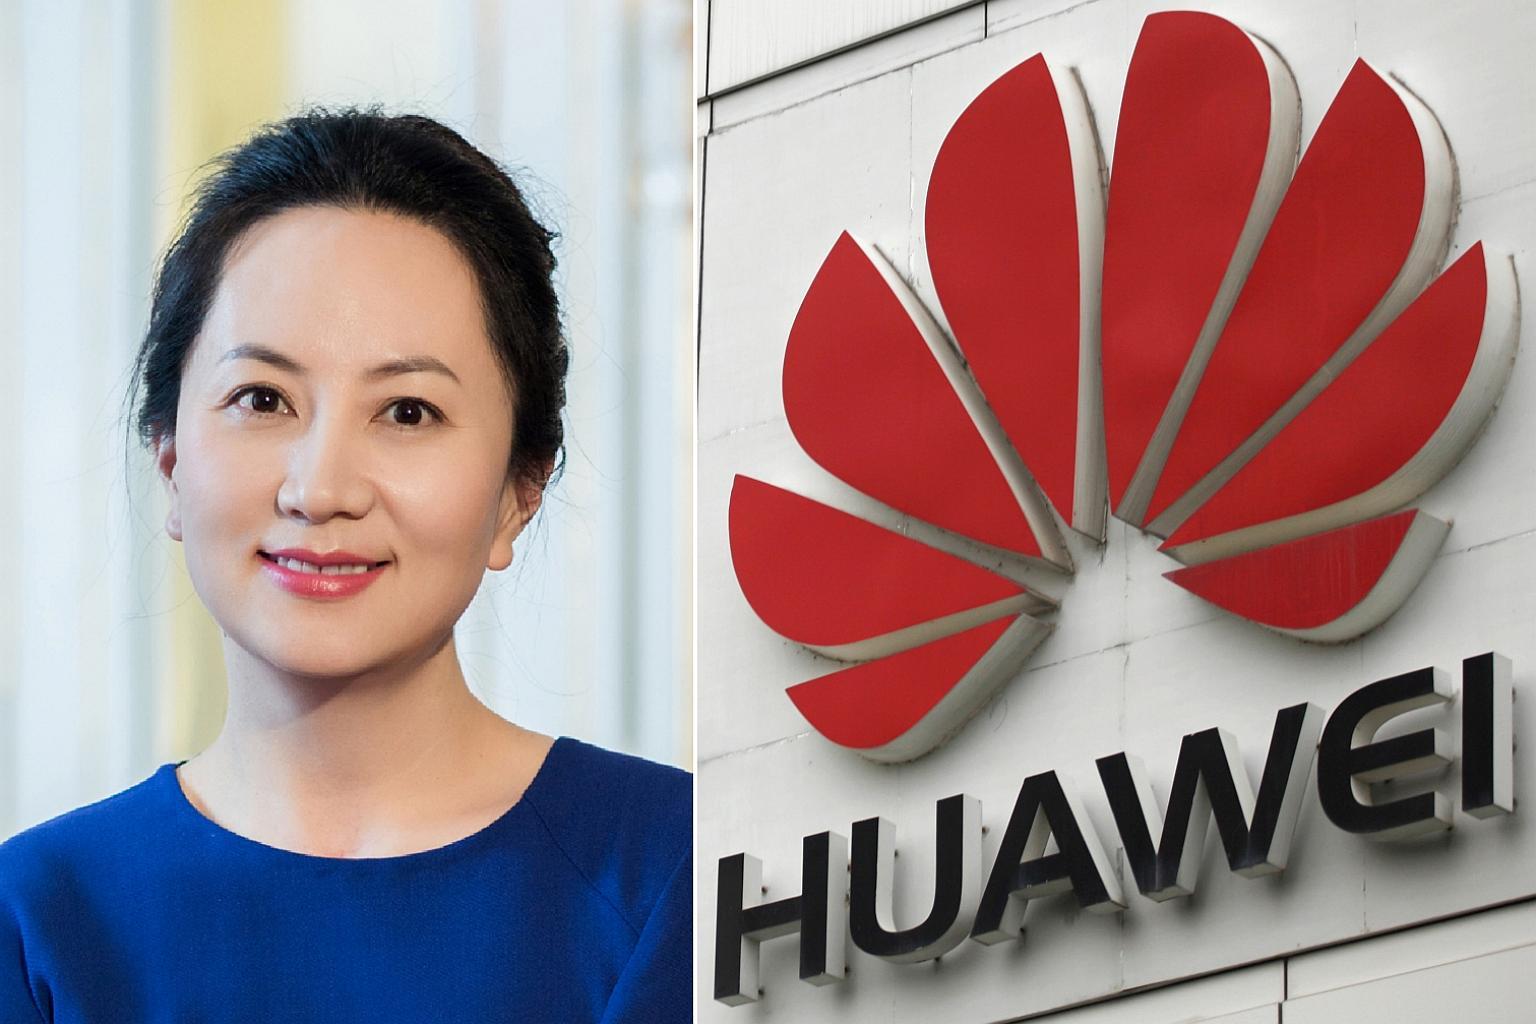 L'arresto di lady Huawei e le tensioni Usa-Cina